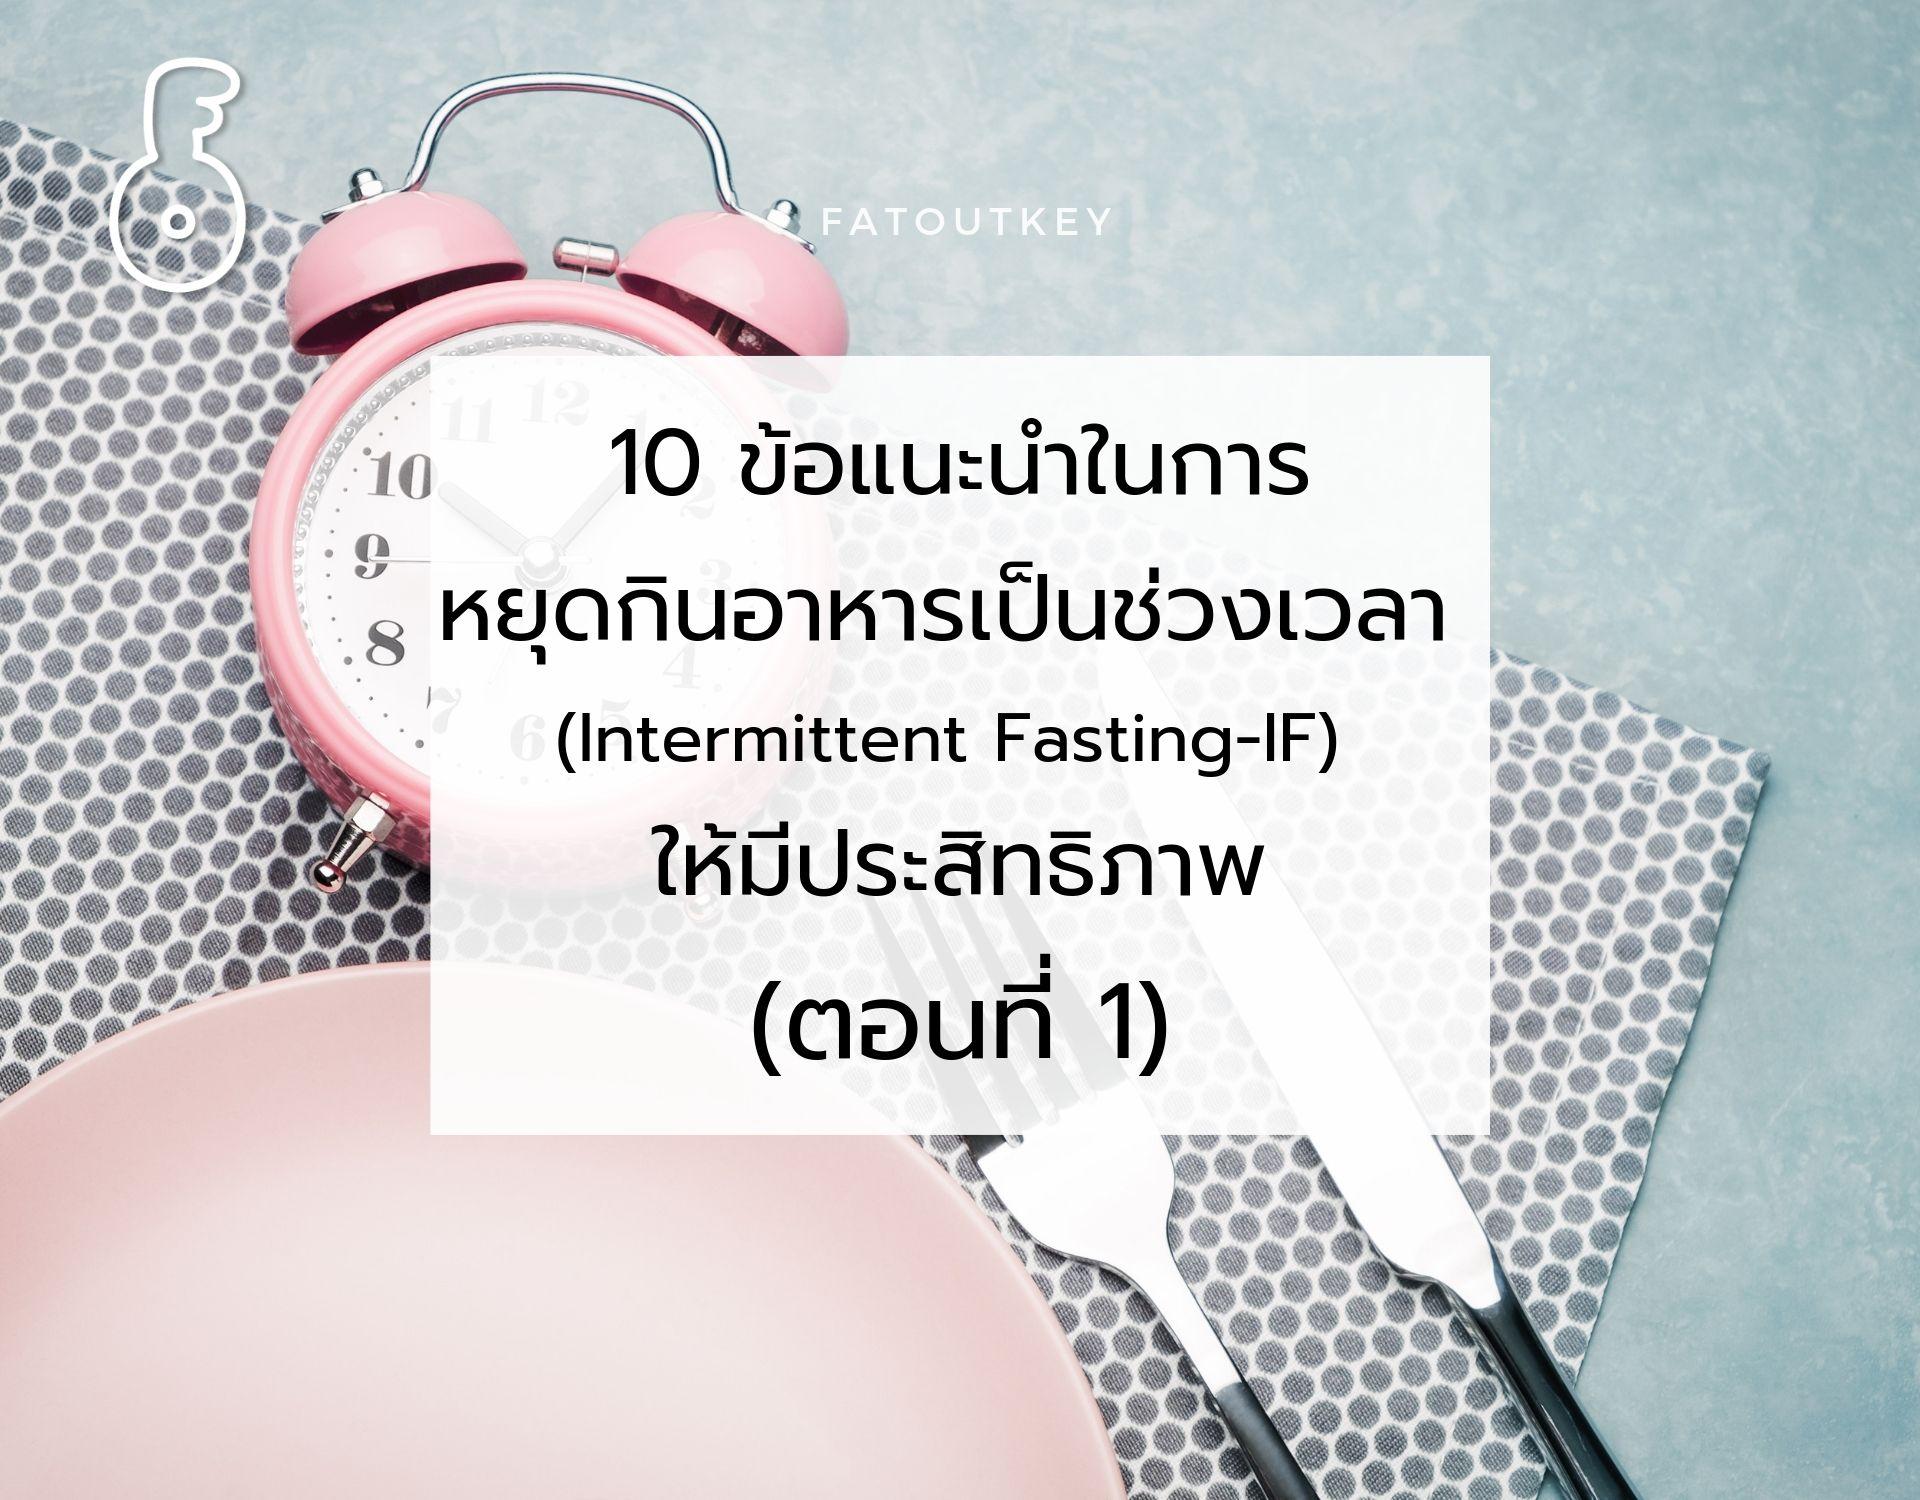 10 ข้อแนะนำในการหยุดกินอาหารเป็นช่วงเวลา (Intermittent Fasting-IF) ให้มีประสิทธิภาพ (ตอนที่ 1)